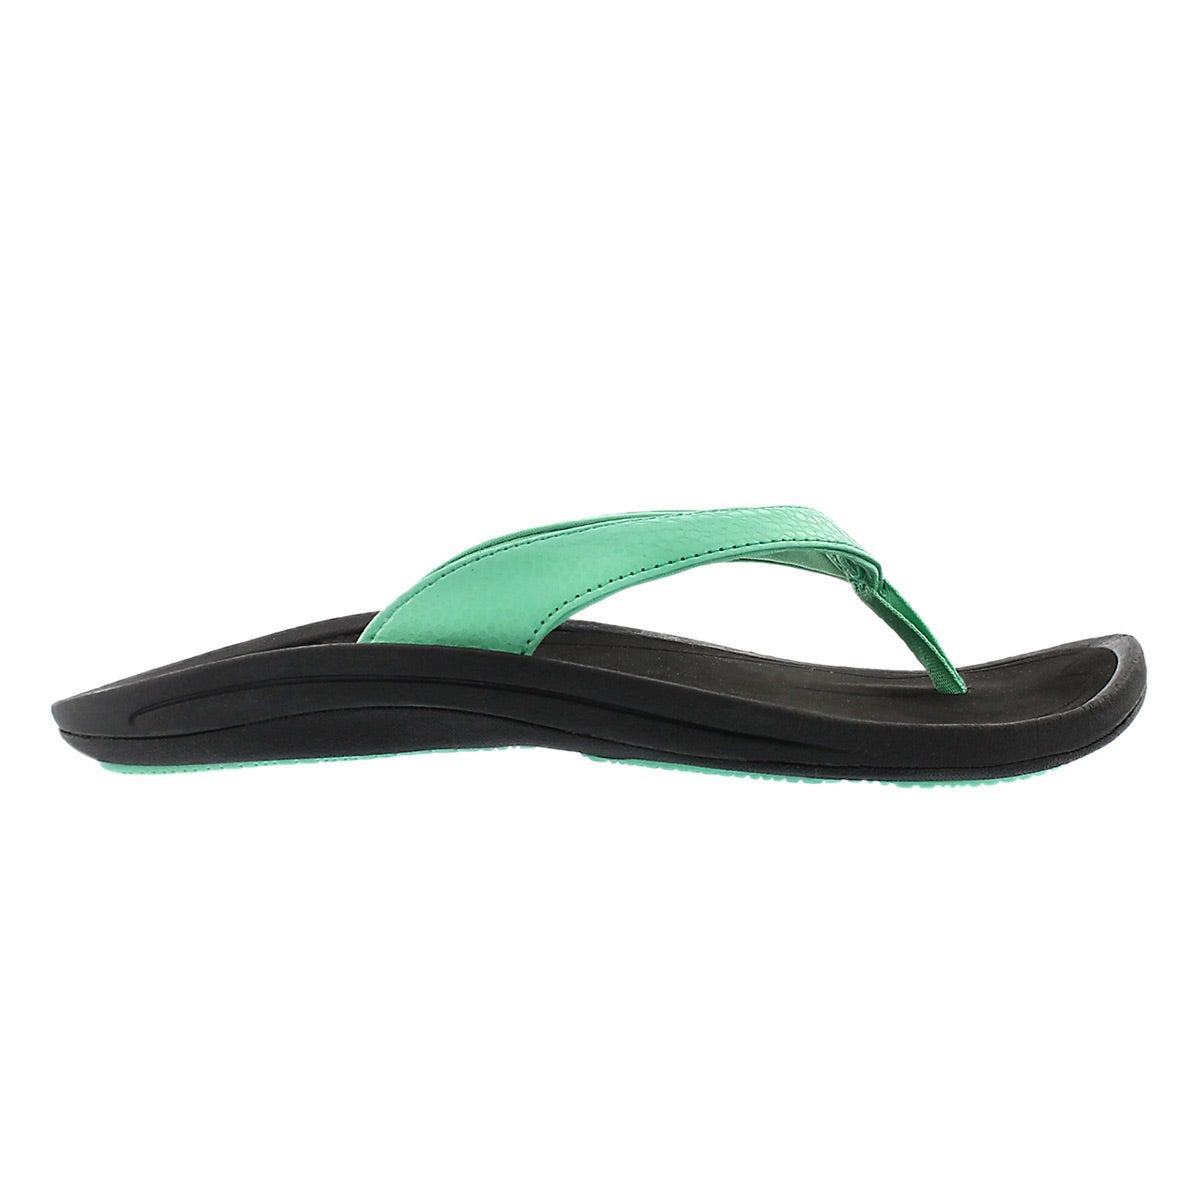 Lds Kulapa Kai pale jade thong sandal